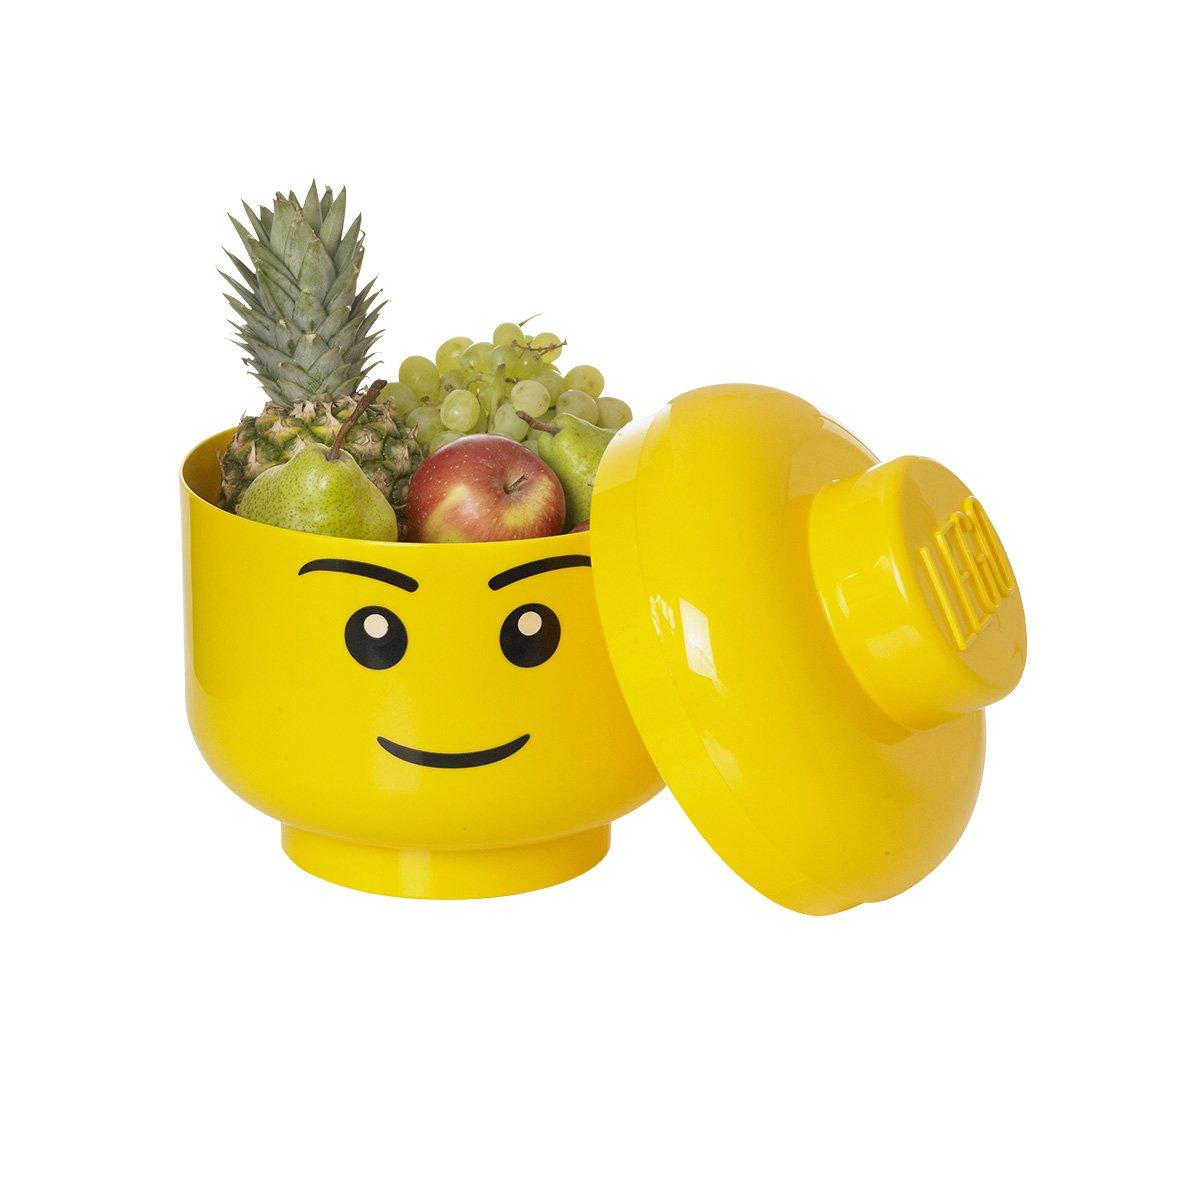 LEGO Storage Head Large Yellow Image 2